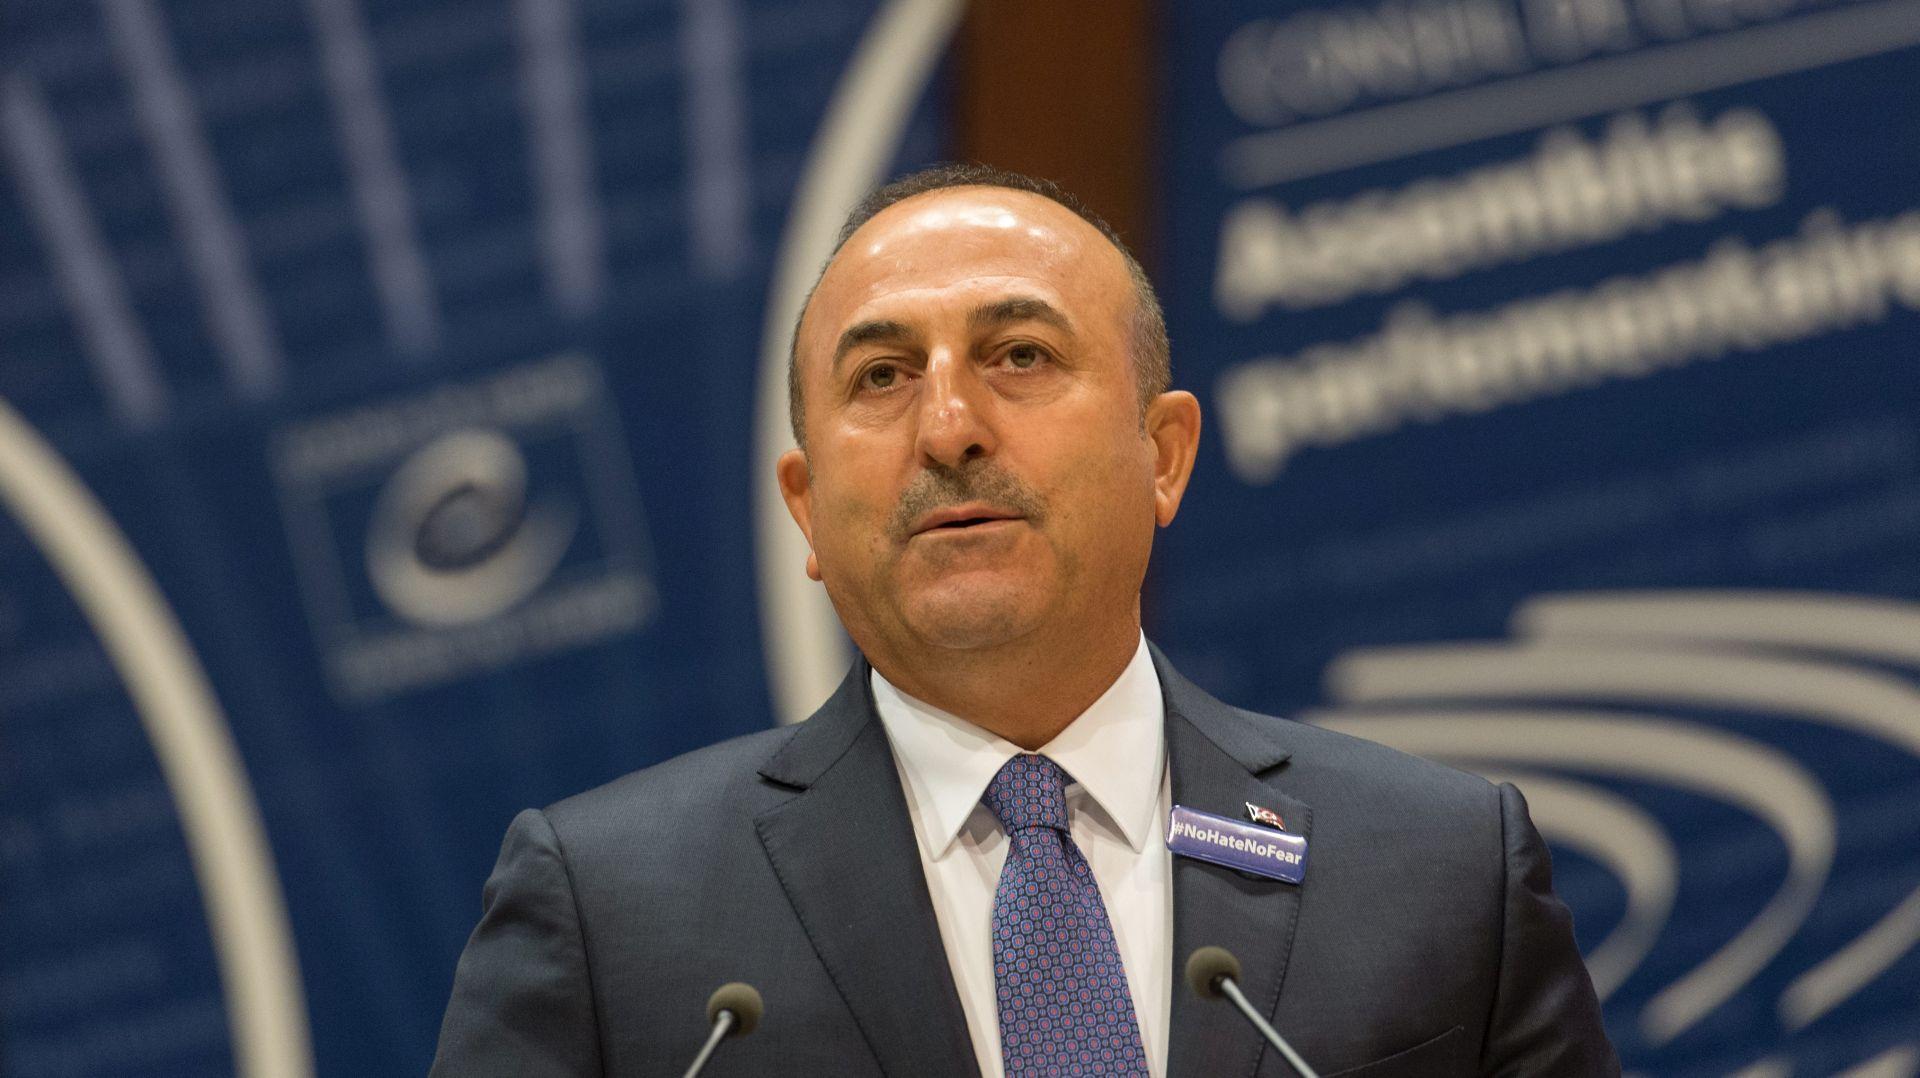 CAVUSOGLU Utvrđen identitet napadača iz Istanbula